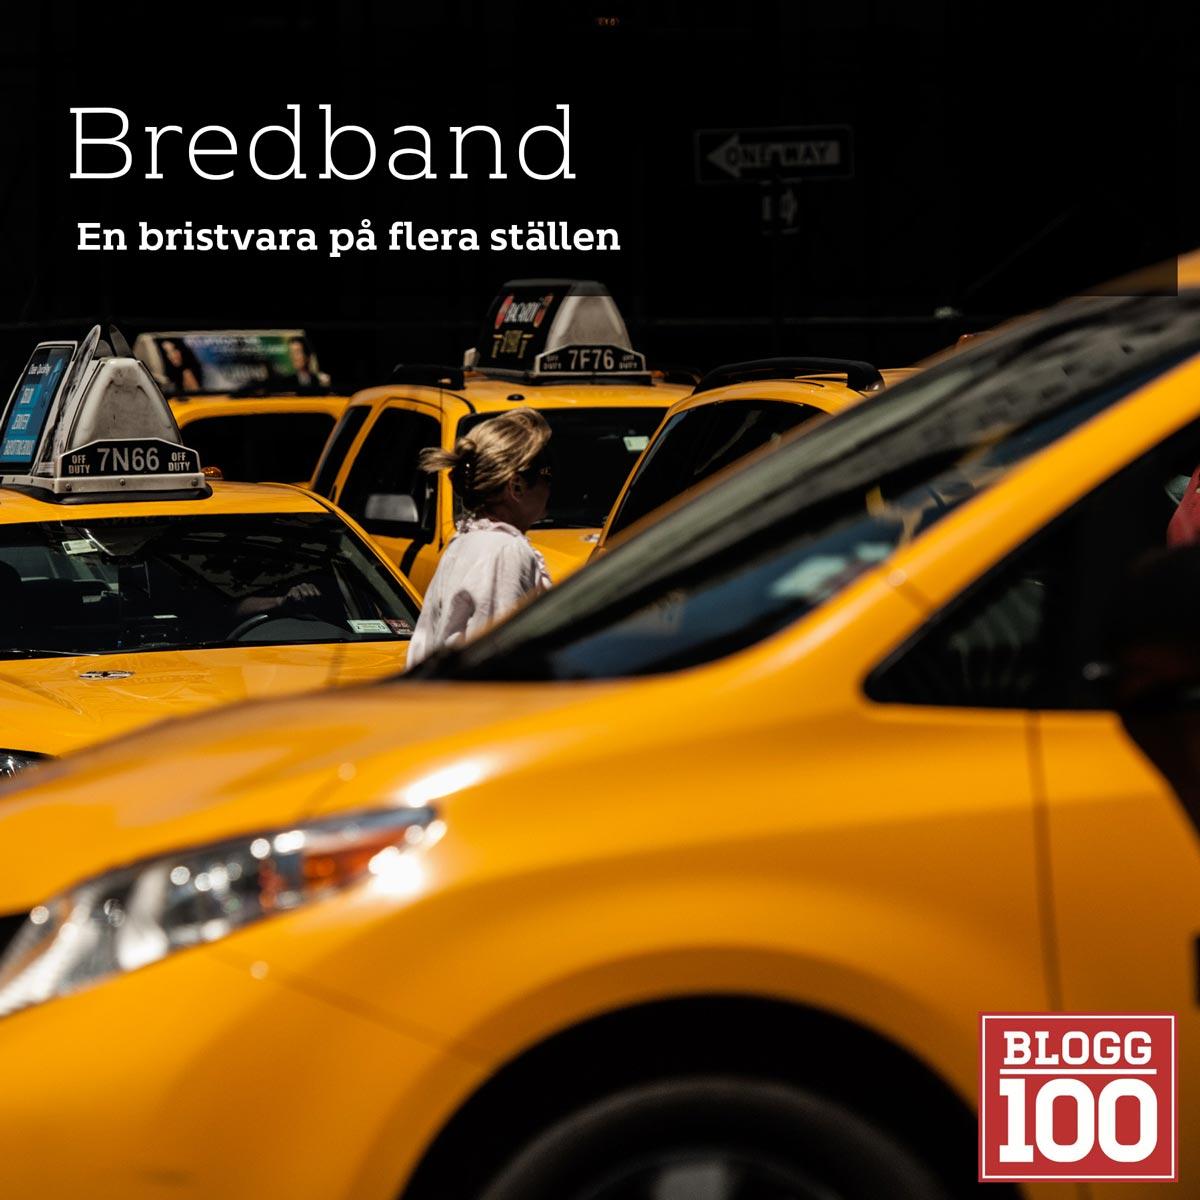 Bredband, en bristvara #blogg100 #fb